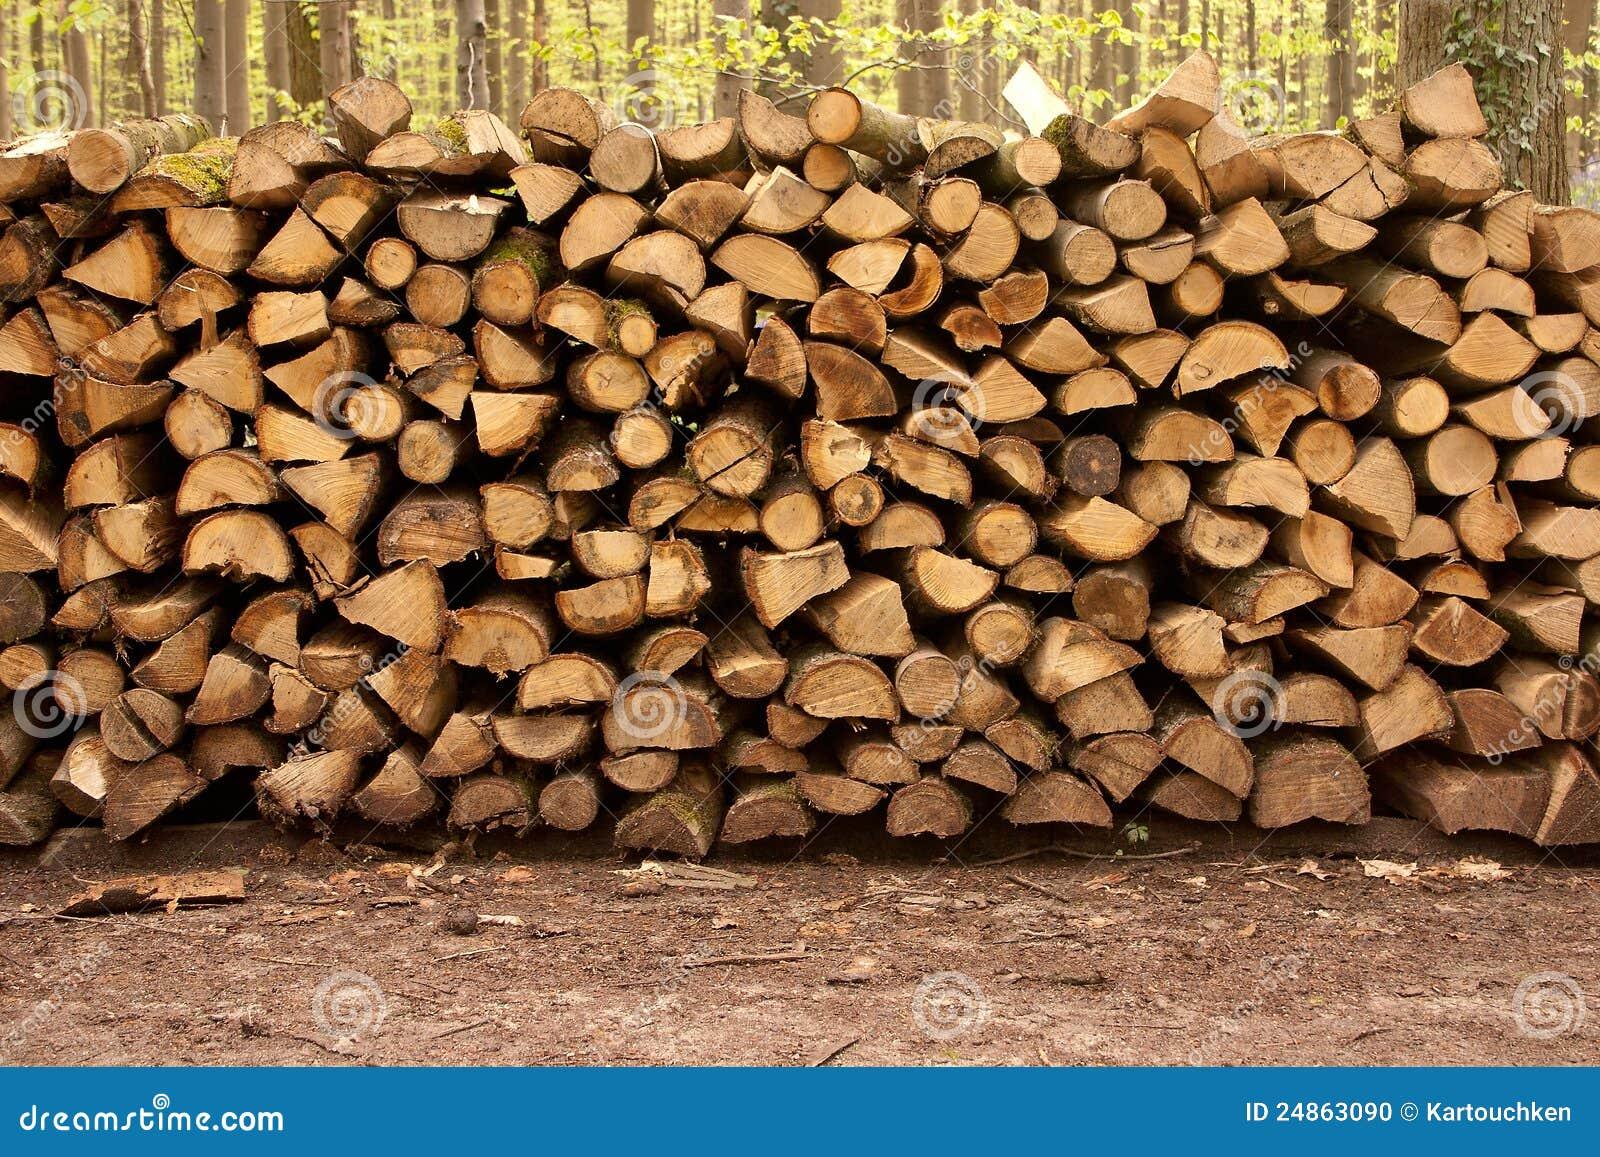 Pile Of Wood 4 Stock Photo Image 24863090